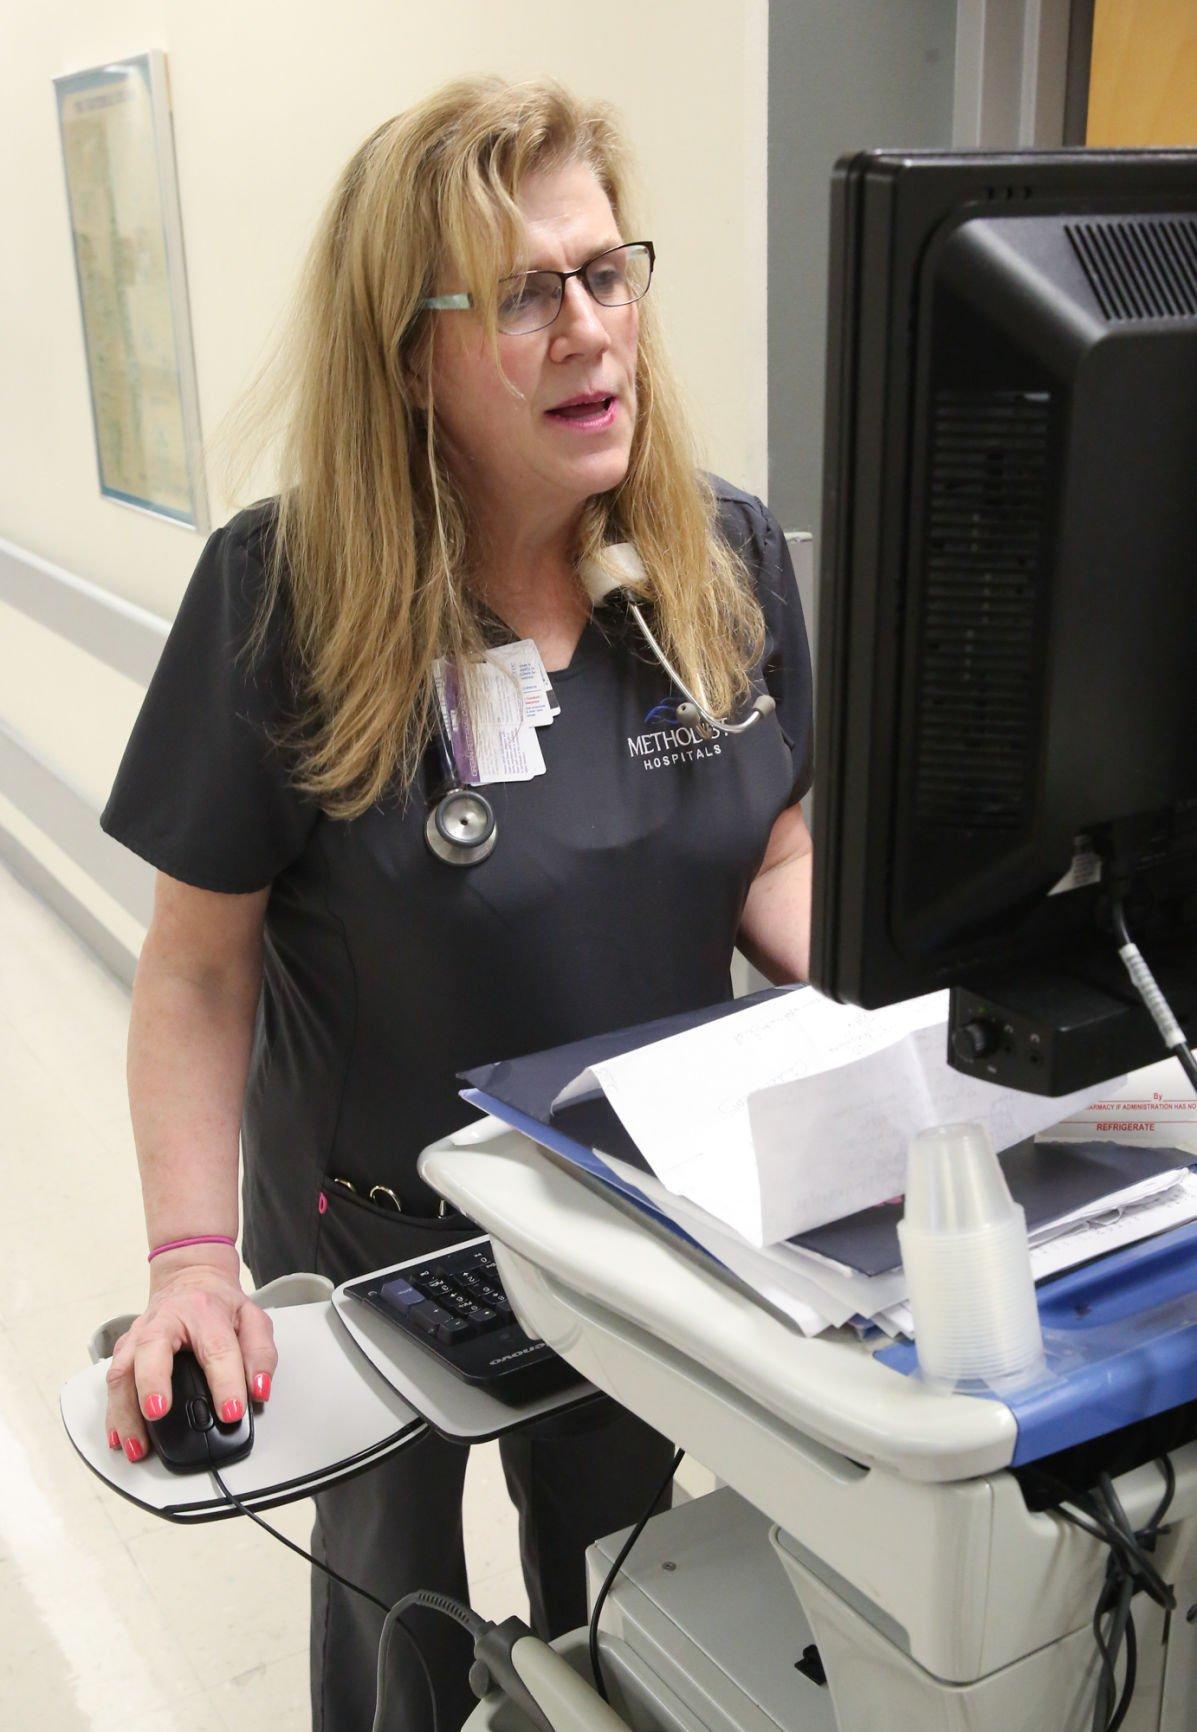 Methodist Hospital Nurse Magnet award